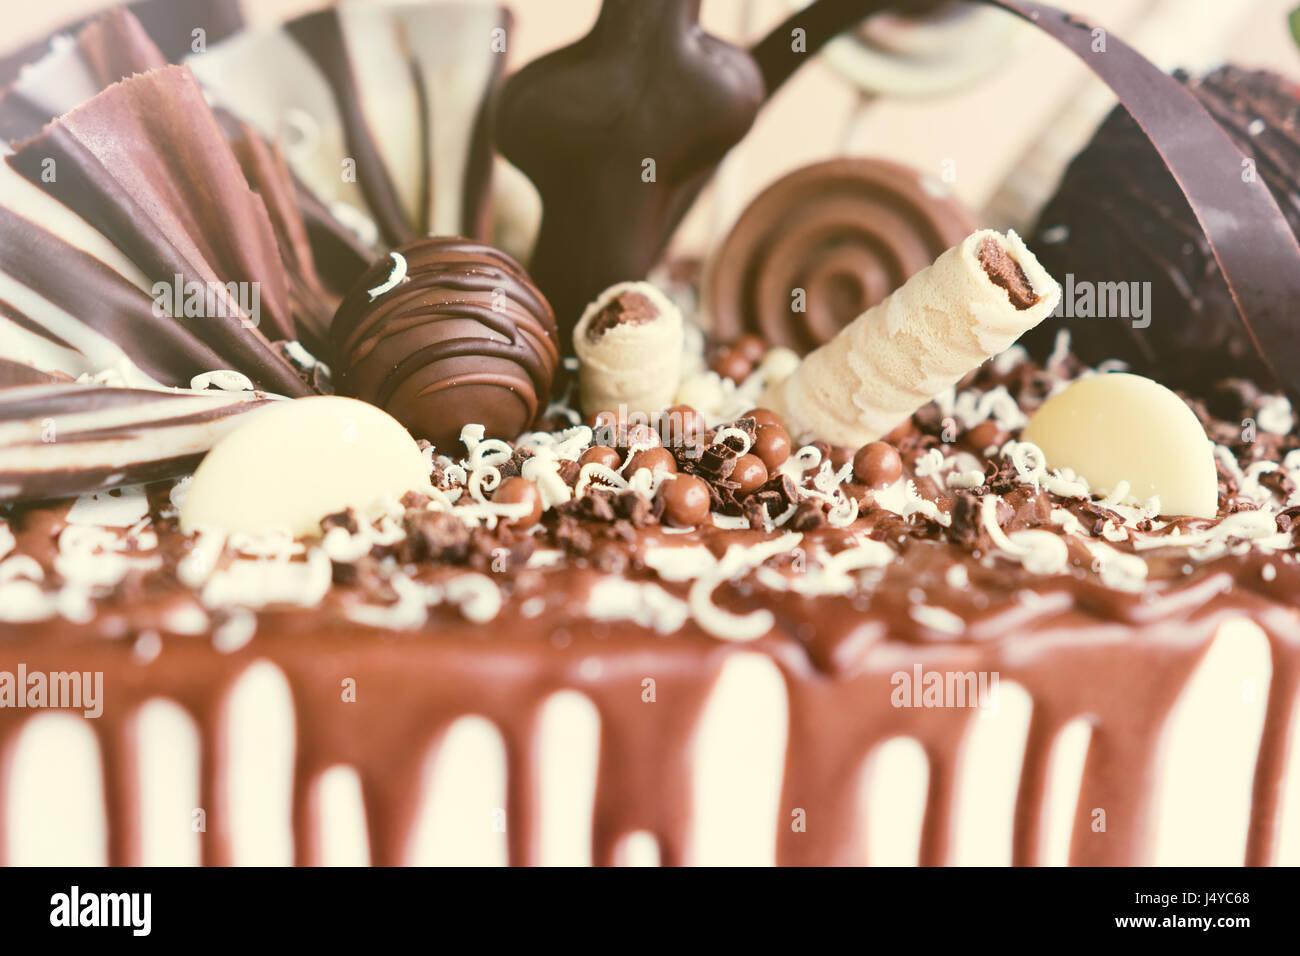 Schokoladen-Kuchen Dekoration Details. Stockbild